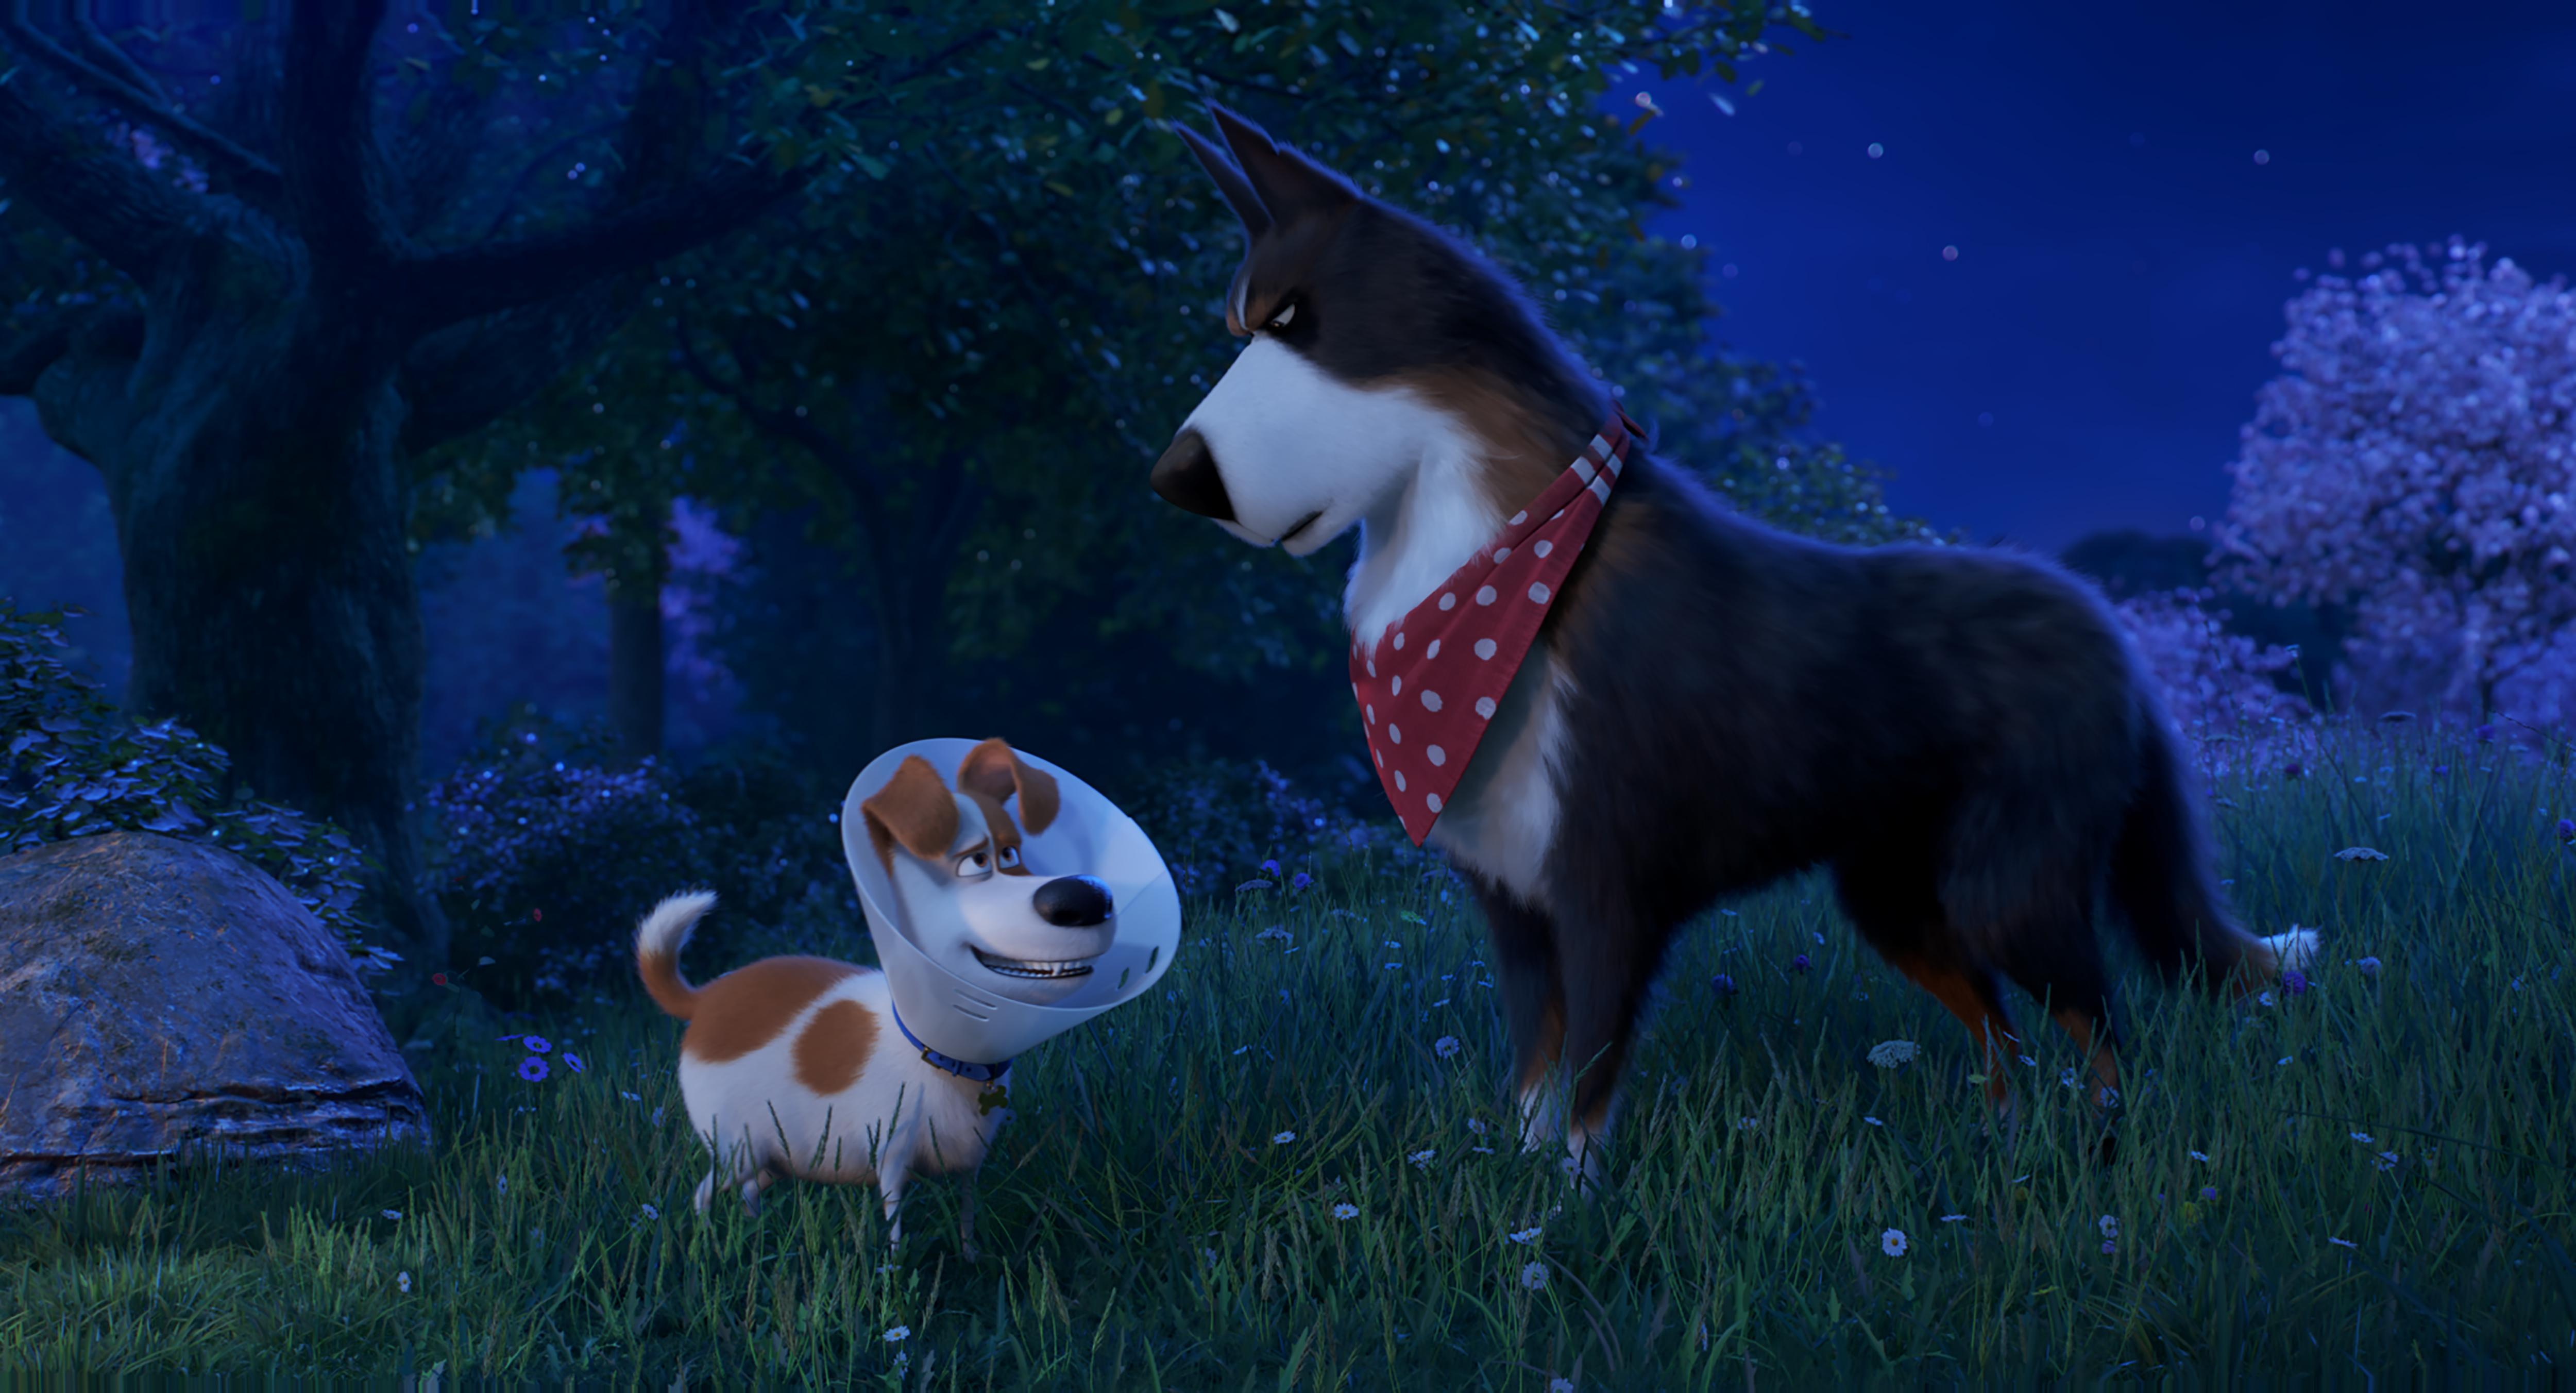 Купить билеты в кино на Тайная жизнь домашних животных 2 The Secret Life of Pets 2 | расписание сеансов, трейлер, обзор фильма, отзывы — ParkSeason